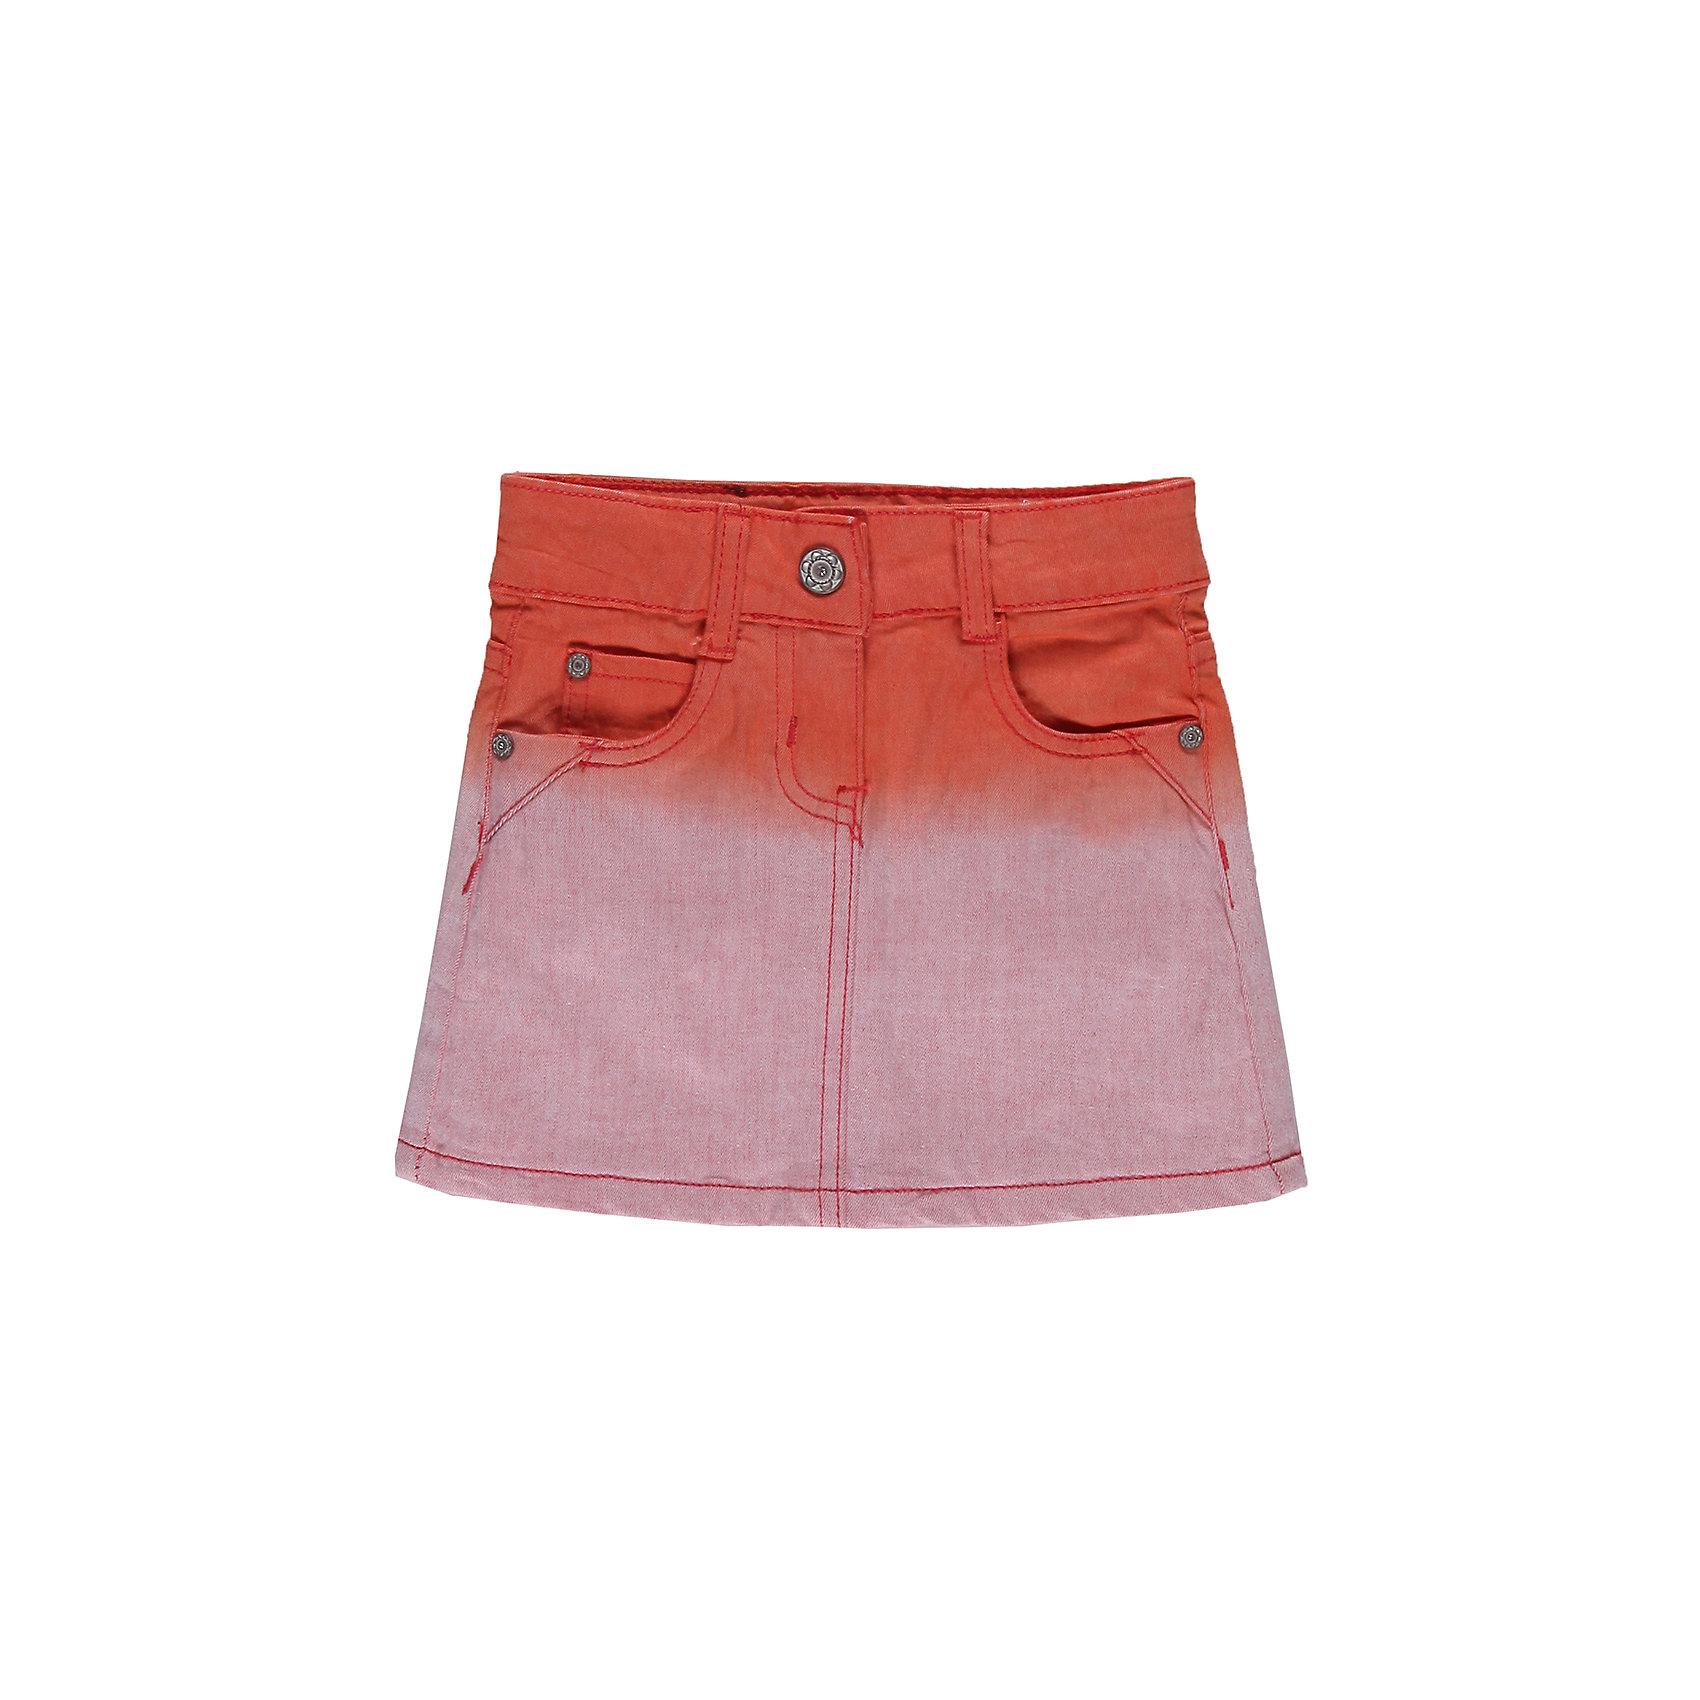 Юбка джинсовая для девочки Sweet BerryЮбки<br>Тестильная короткая юбка для девочек, выполнена из джинсовой ткани с эластаном. Классический прямой стиль, с широким поясом под ремень. Застегивается на молнию и пуговицу. Карманы внутренние, фигурно прострочены. Ткань  мягкая, хорошо облегает тело. Розовый цвет, сверху насыщенный, к низу светлеет, это делает юбку нарядной и модной.<br>Состав:<br>98% хлопок, 2% эластан<br><br>Ширина мм: 207<br>Глубина мм: 10<br>Высота мм: 189<br>Вес г: 183<br>Цвет: розовый<br>Возраст от месяцев: 36<br>Возраст до месяцев: 48<br>Пол: Женский<br>Возраст: Детский<br>Размер: 104,98,110,116,122,128<br>SKU: 5412354